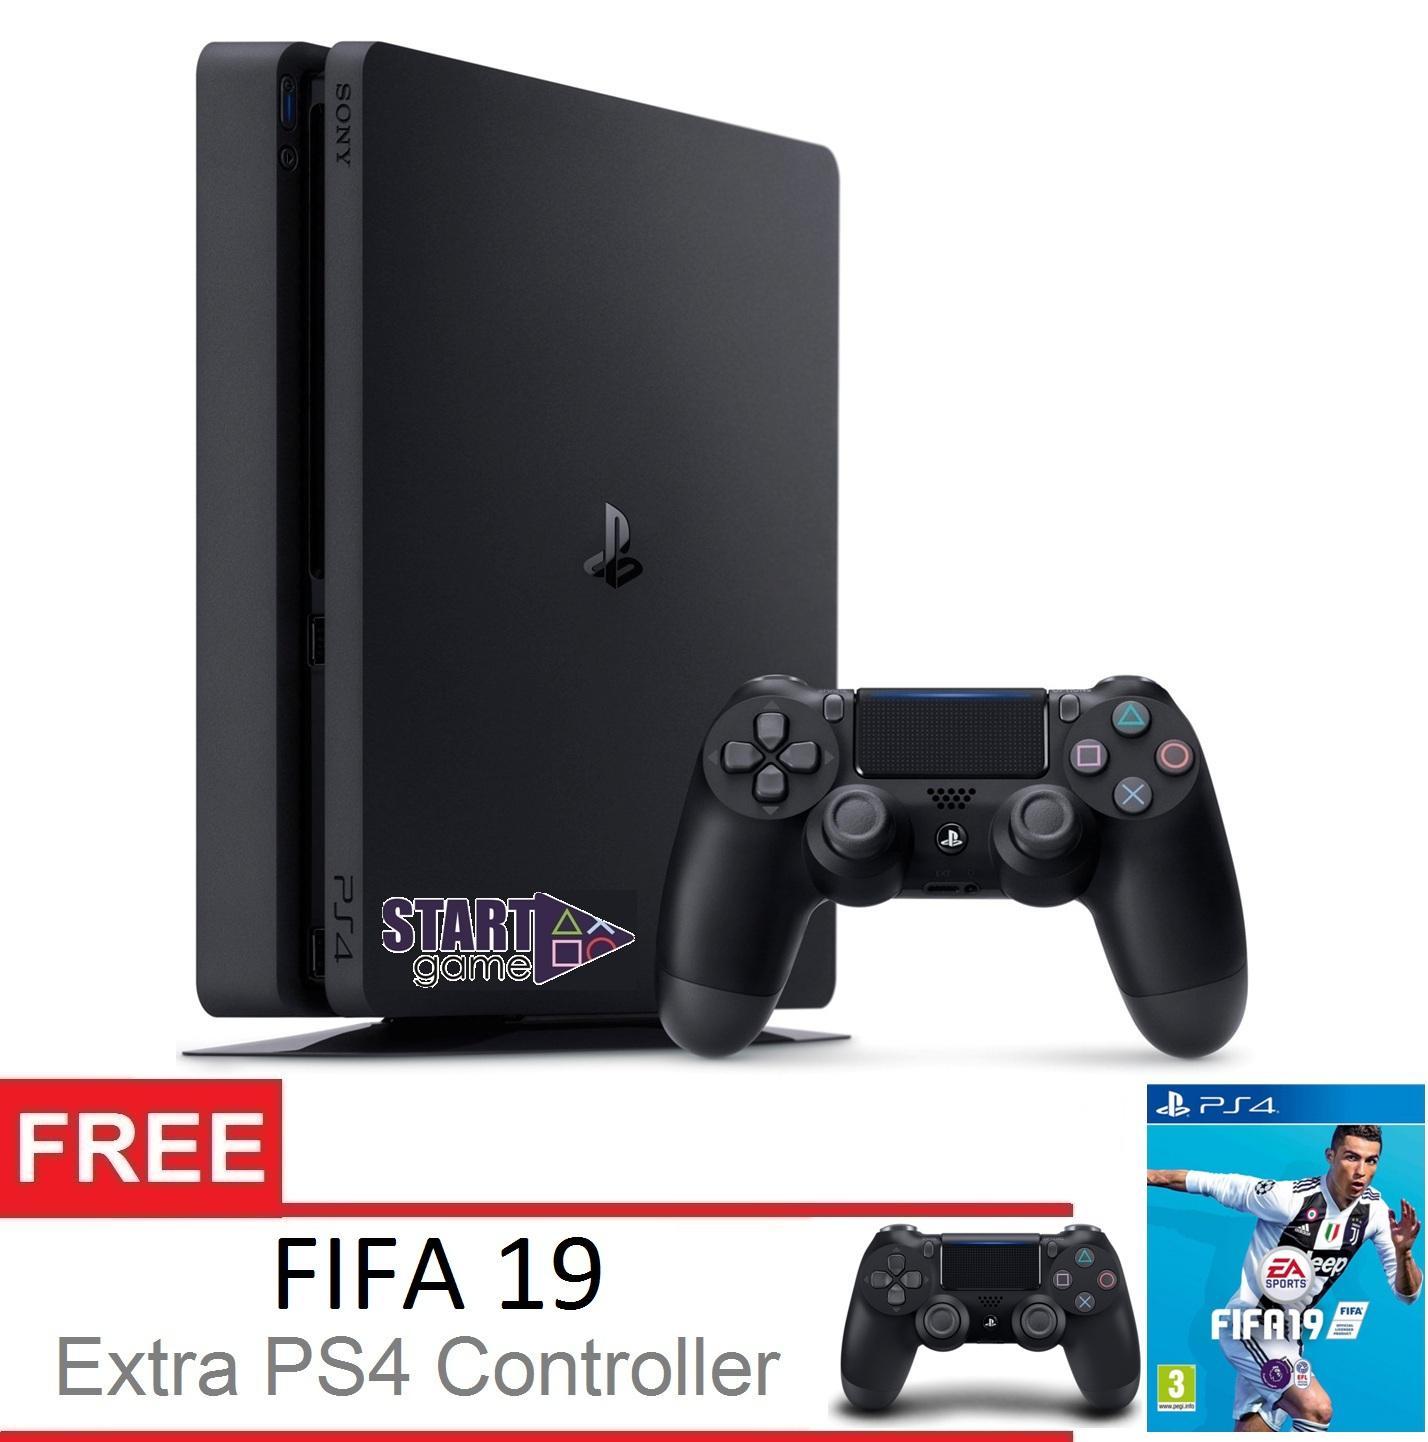 SONY Playstation 4 Slim 500GB Garansi SONY CUH 2106A Extra Controller FIFA 19